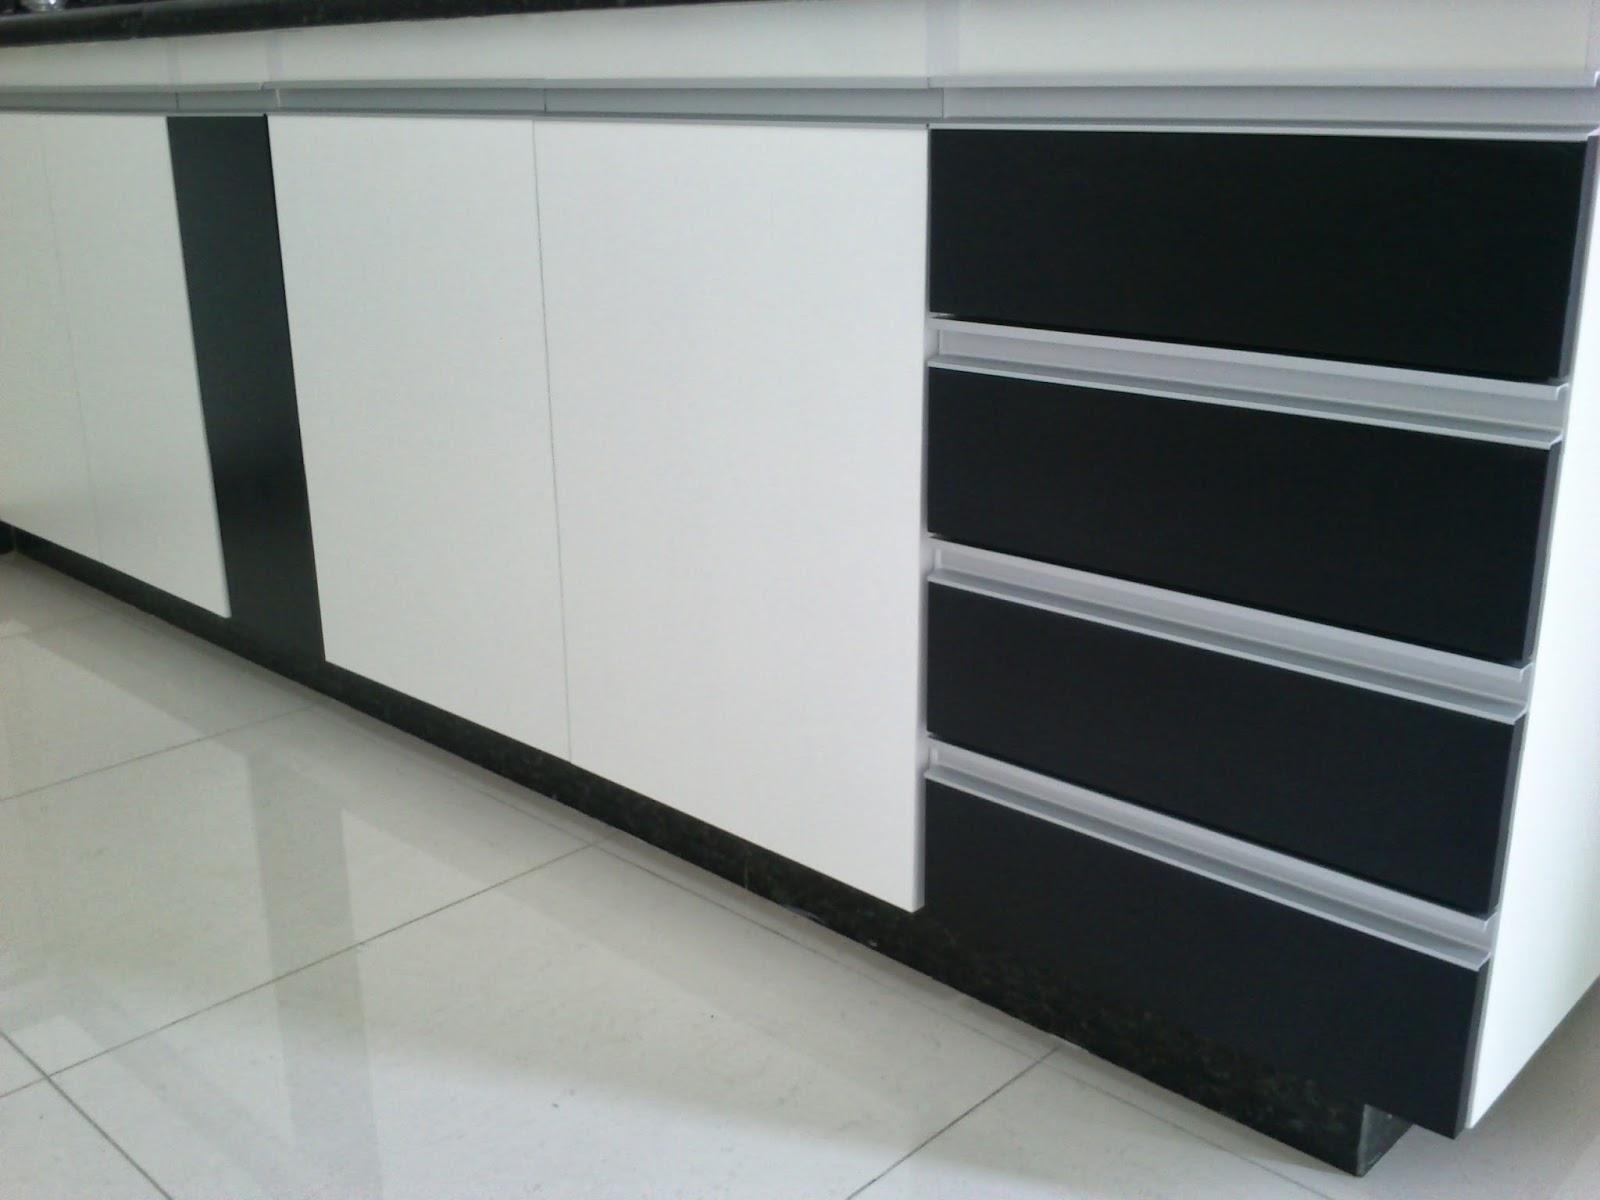 Armário para Cozinha (Padrão Branco e Preto) Portas e Frentes de  #191E1F 1600x1200